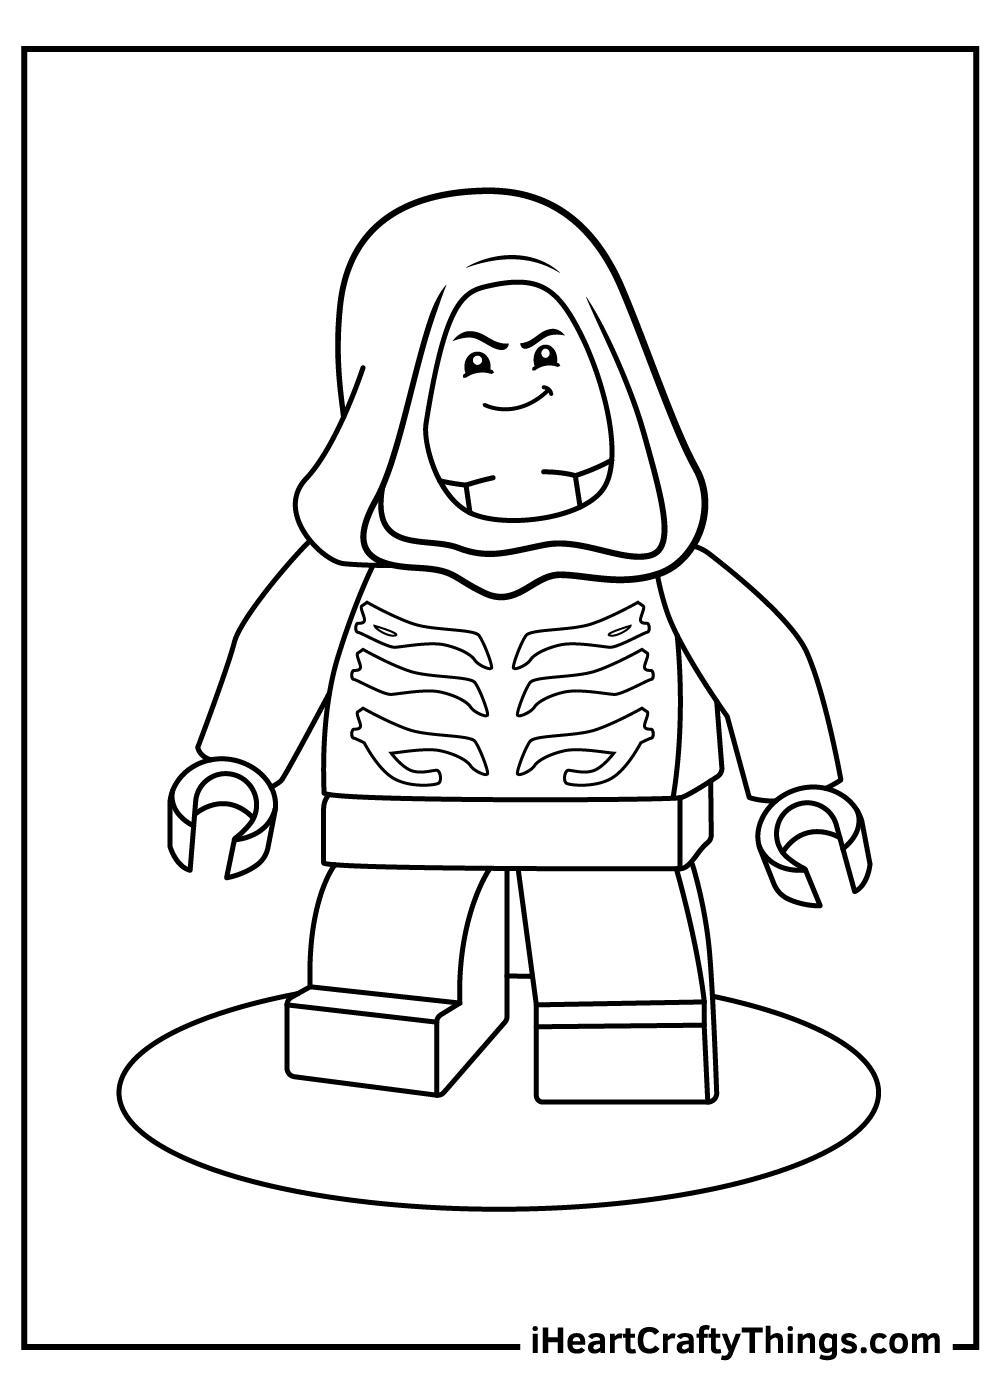 lego ninjago coloring pages new lloyd